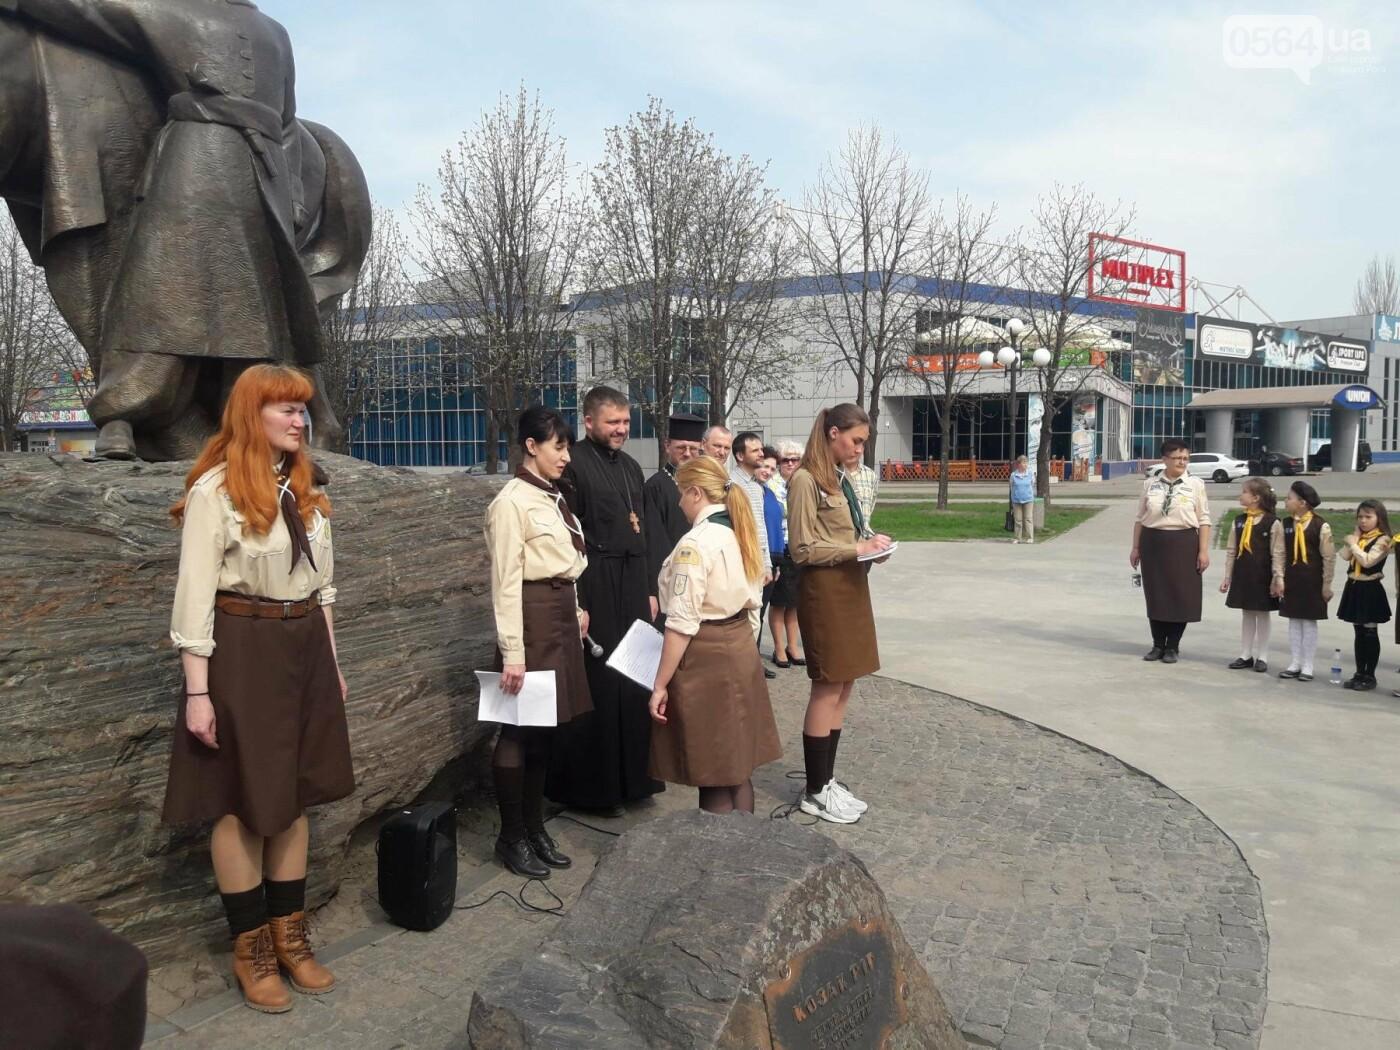 Криворожские пластуны отметили 106-ю годовщину со Дня присяги Богу и Украине (ФОТО), фото-7